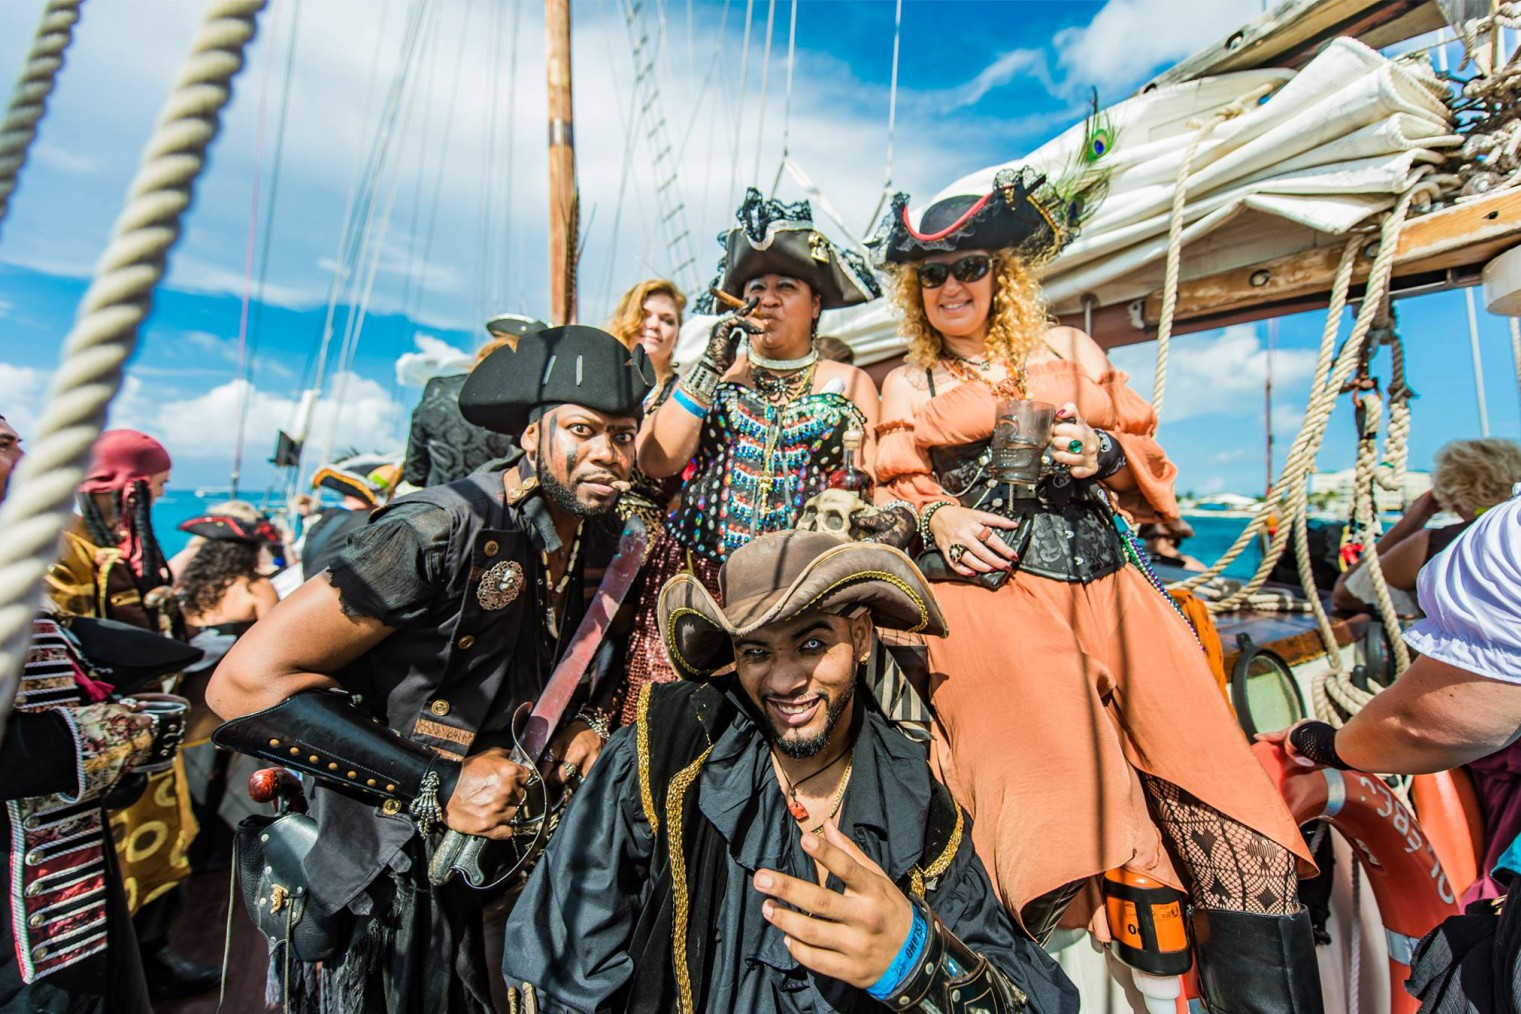 Pirates Week Festival Cayman Islands. Фестиваль Пиратов на Каймановых островах